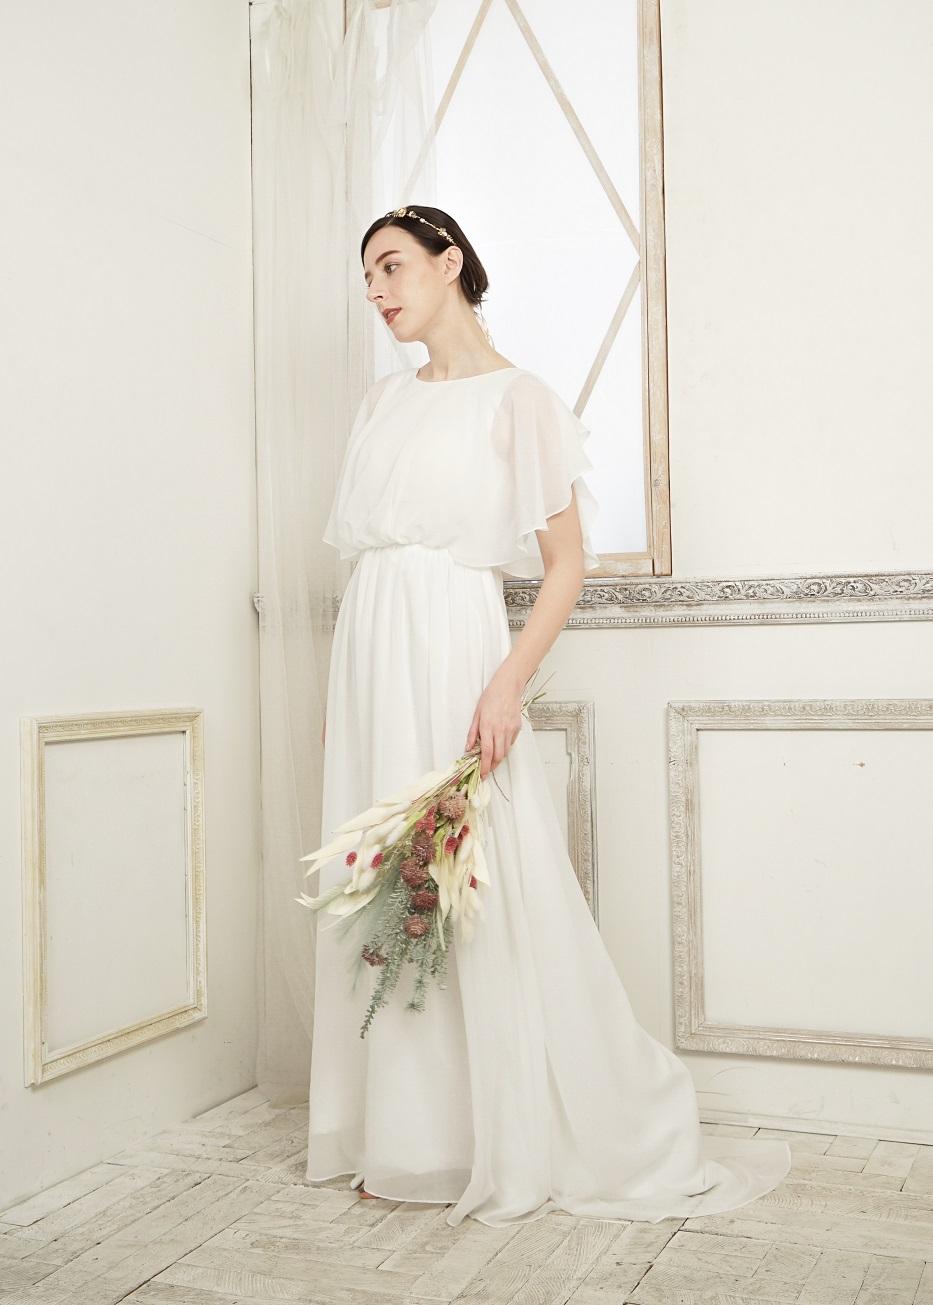 2次会 ウエディングドレス 大人婚 シンプル 動きやすい 袖付き